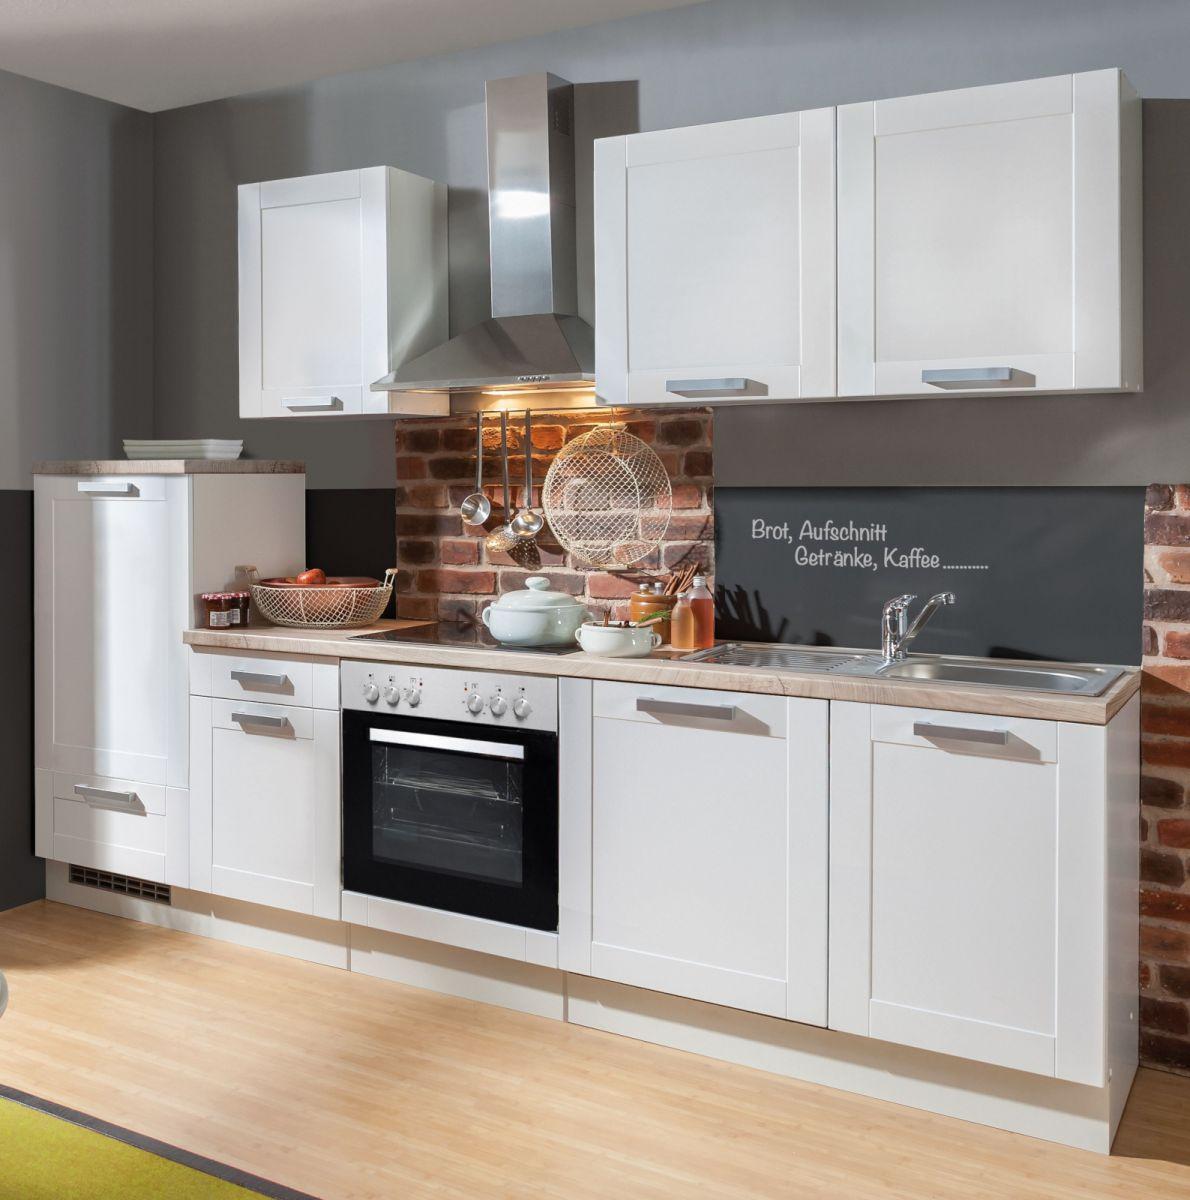 Küchenblock White Premium 270 cm weiss matt Landhaus Einbauküche inkl- Herd Dunstabzugshaube- Kühlschrank